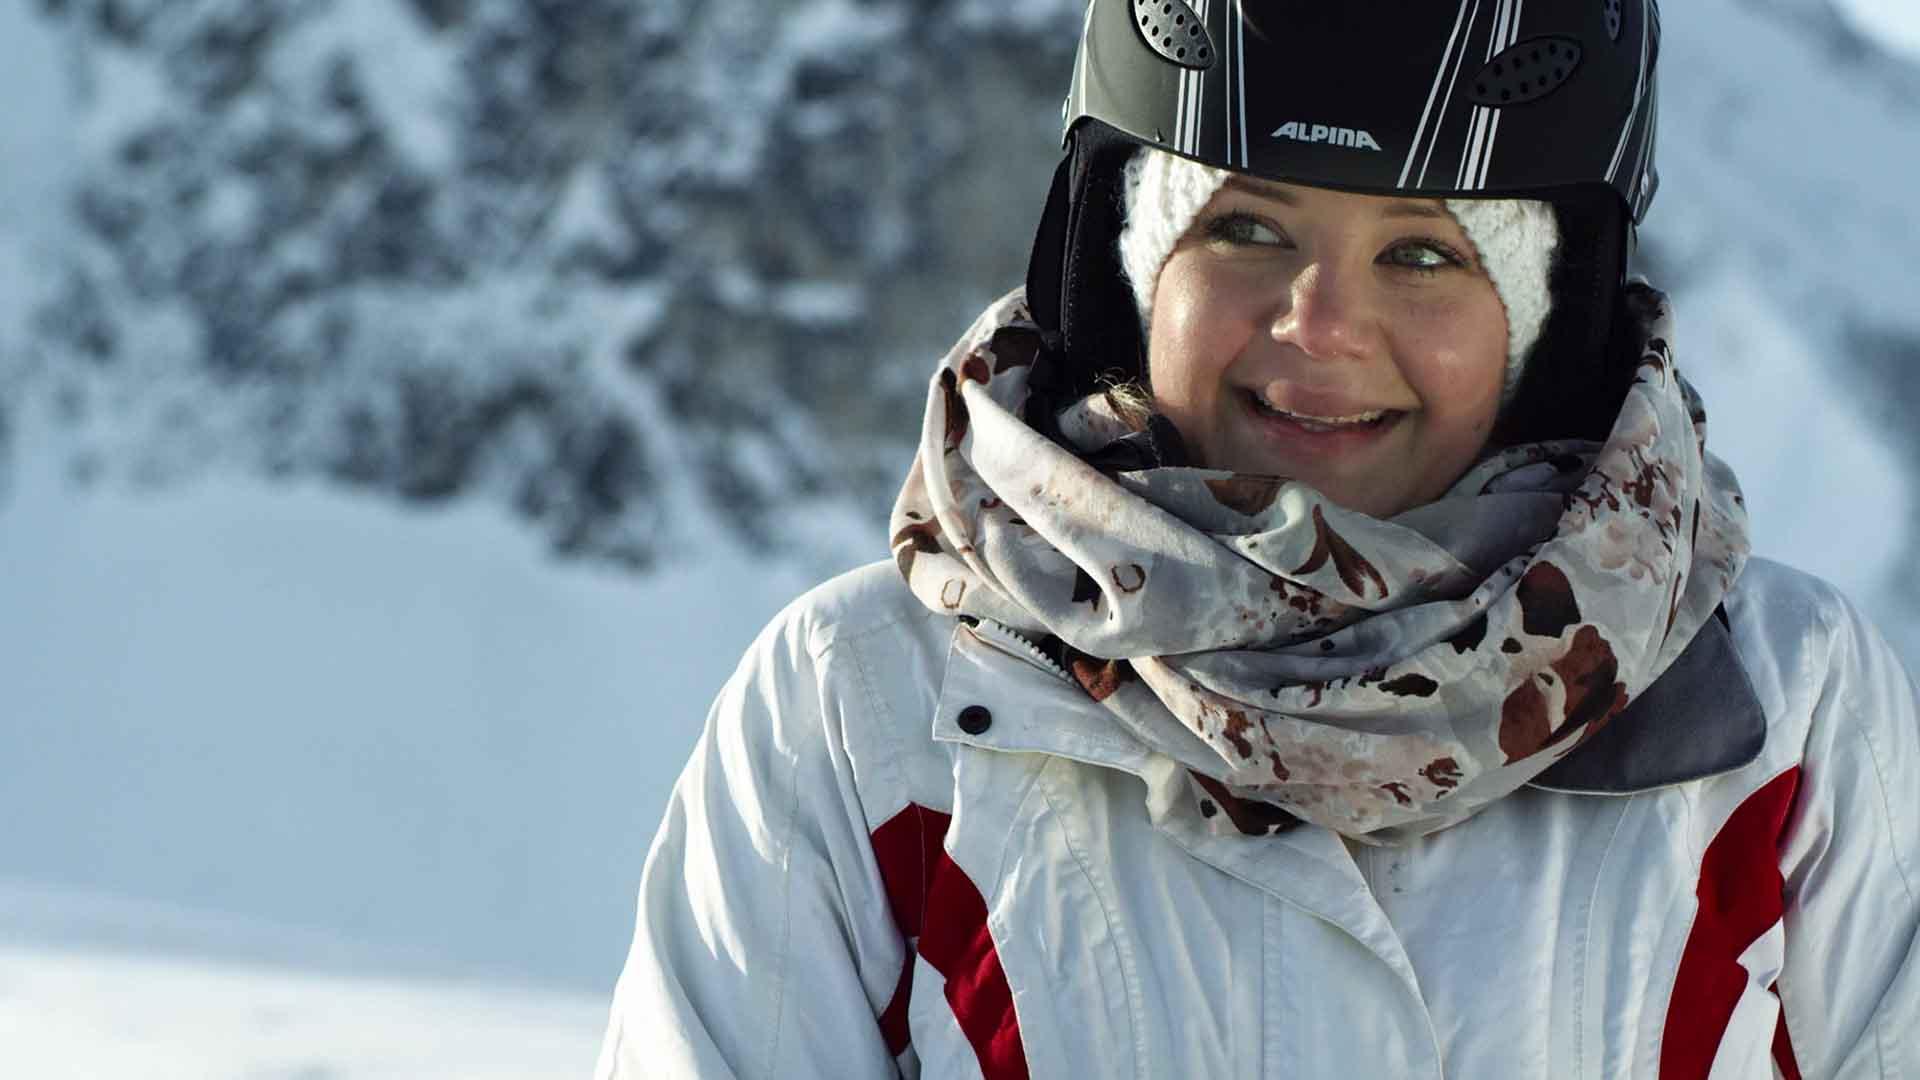 Das Bild zeigt eine Frau die sich auf der rechten Seite des Bildes befindet. Sie trägt Skikleidung und einen Helm in der Farbe schwarz. Hinter ihr sieht man einen Berg. Das Bild dient als Sliderbild für den Portfolioientrag Bayerntourismus Wintercamping in Bayern von Panda Pictures.